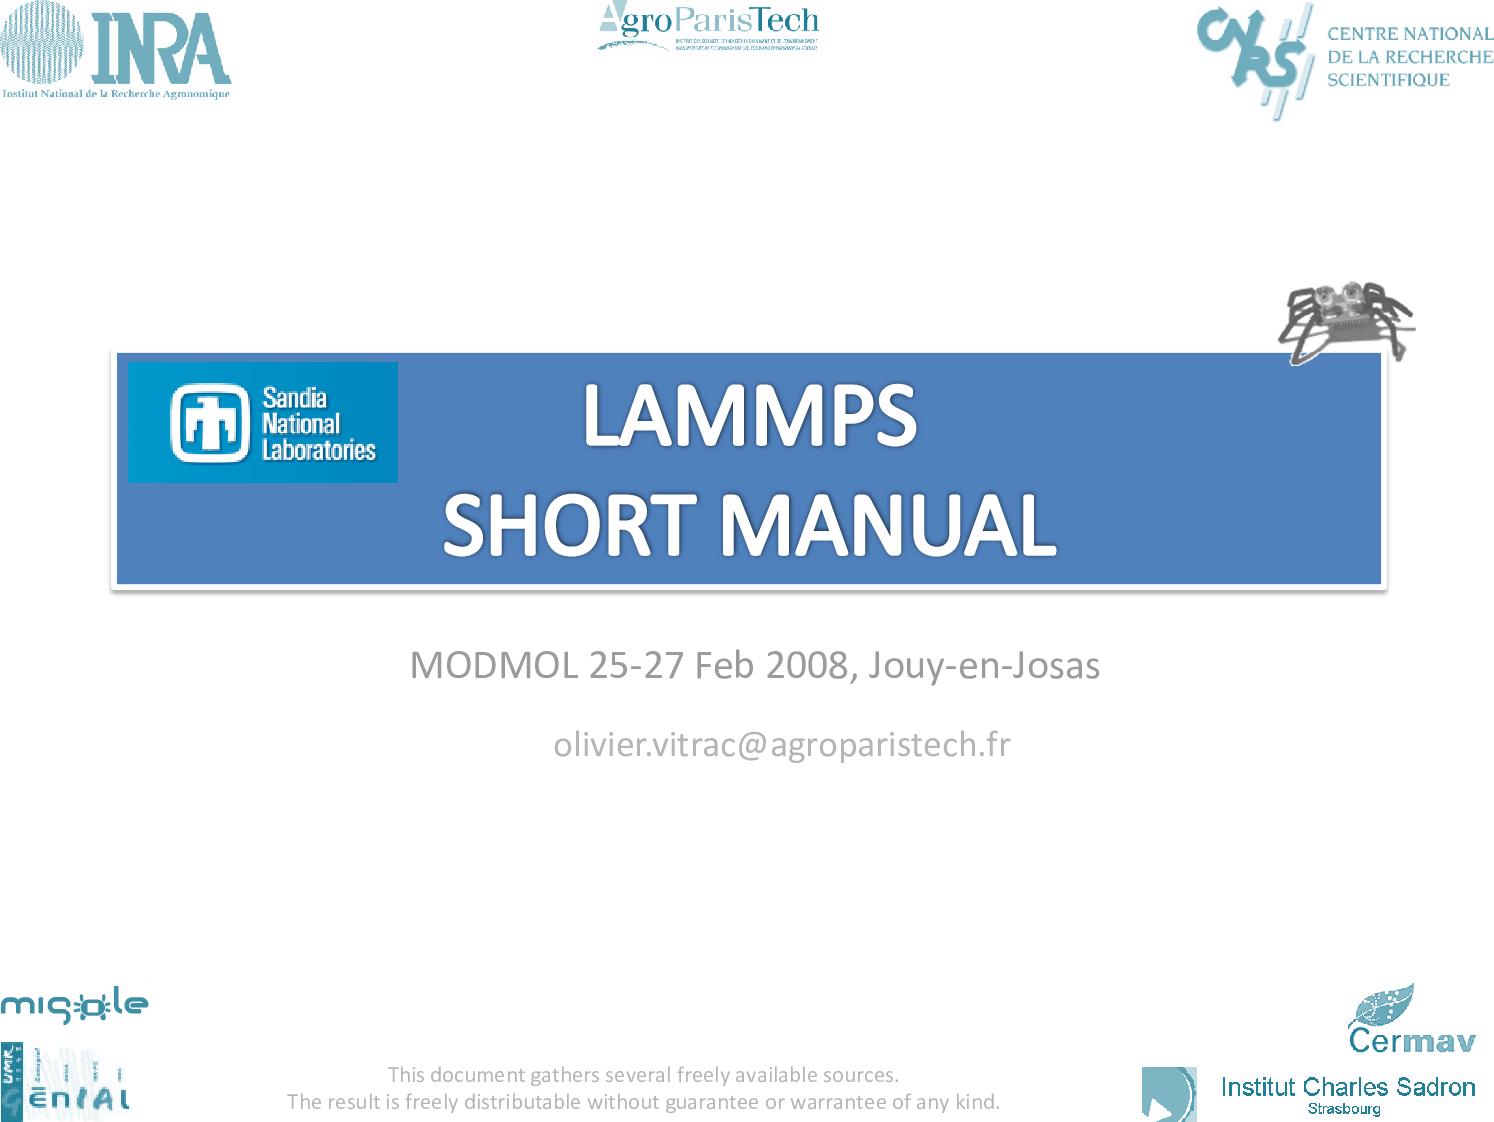 1 LAMMPS Short Manual